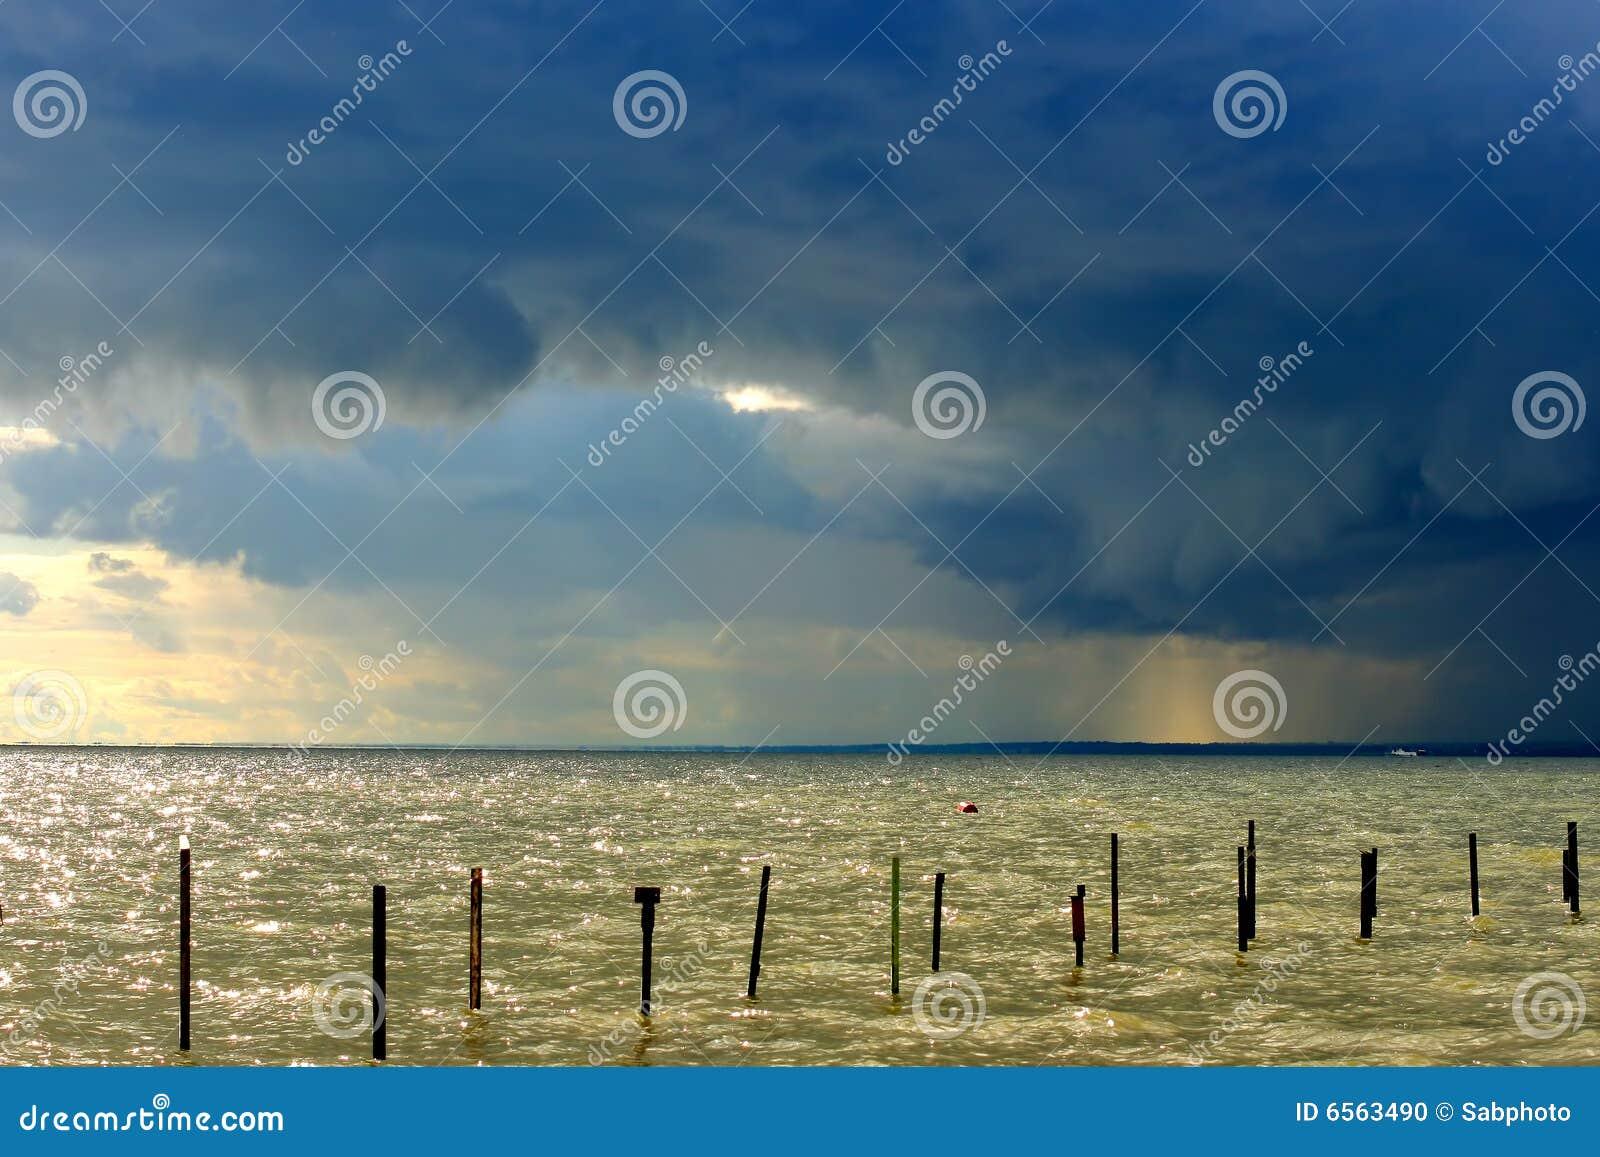 Nadciągająca burza